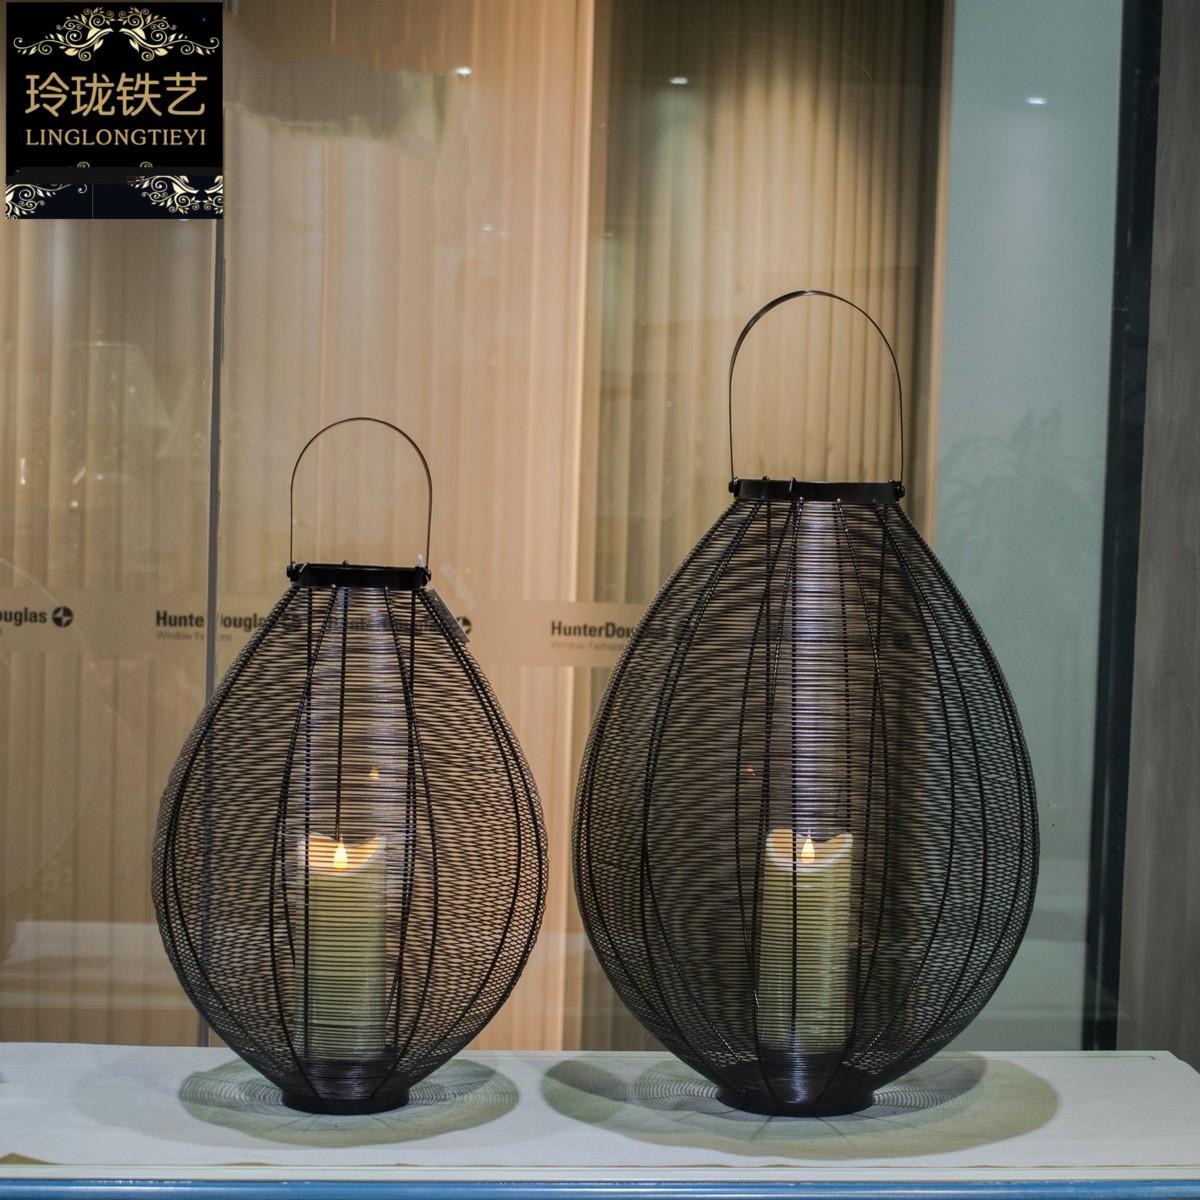 新中式现代户外烛台蜡烛风灯浪漫铁艺工艺品摆件酒店餐厅精品包邮